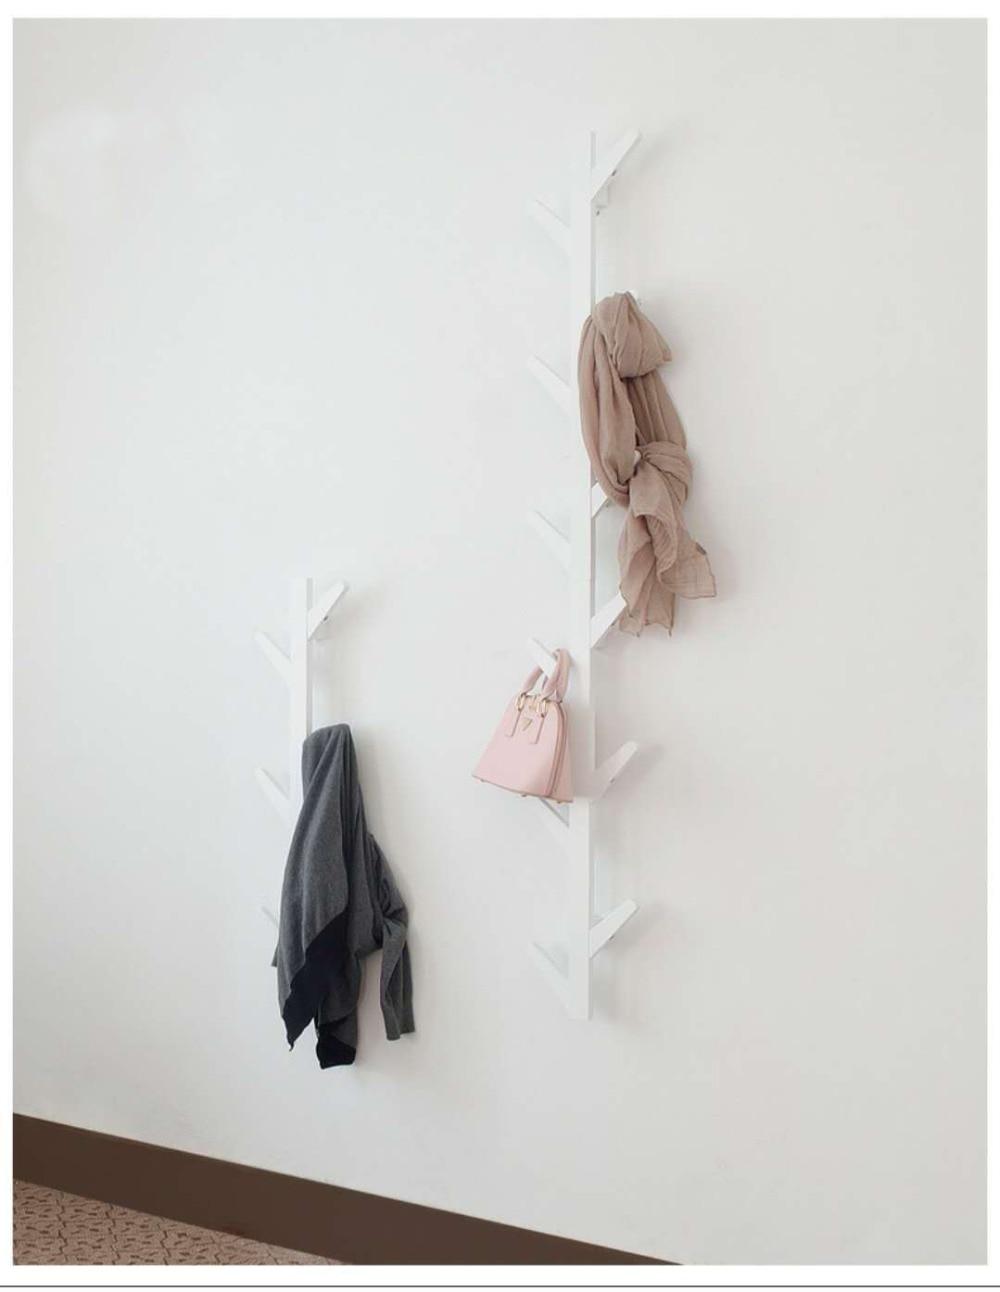 Galhos de árvores, cabides de parede, varanda, decoração, roupas rack, decoração da parede. C - 6